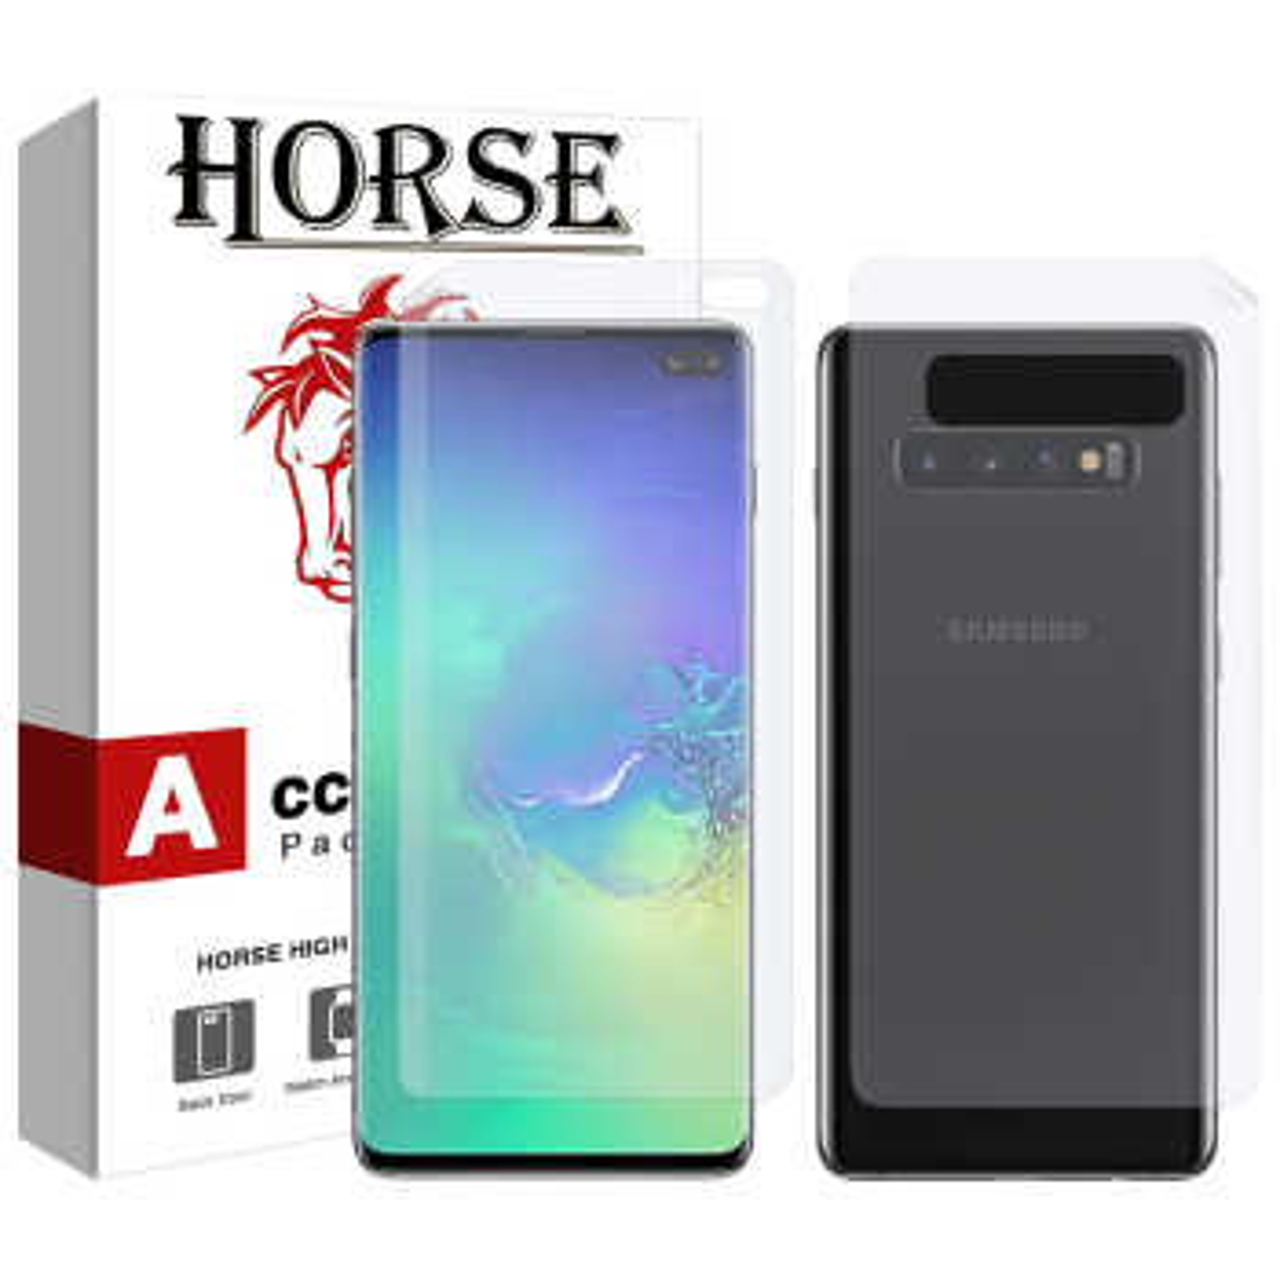 محافظ صفحه نمایش و پشت گوشی هورس مدل FSN مناسب برای گوشی موبایل سامسونگ Galaxy S10 Plus